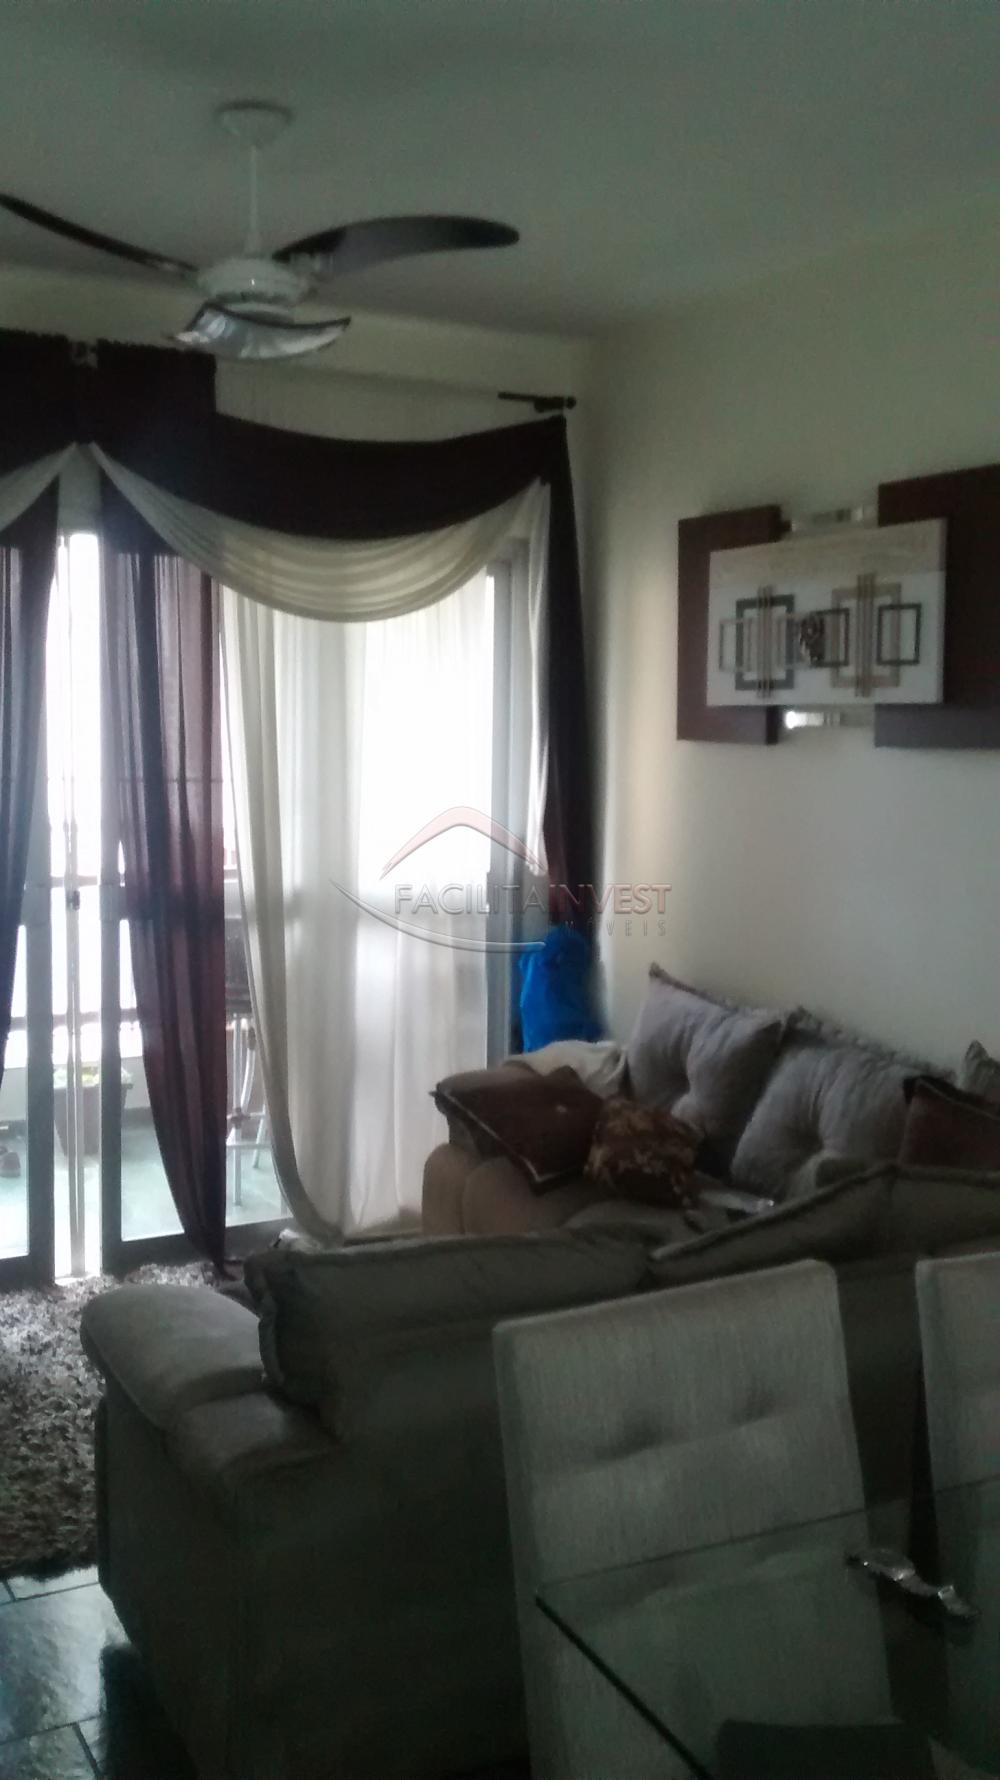 Comprar Apartamentos / Apartamento Mobiliado em Ribeirão Preto apenas R$ 250.000,00 - Foto 1